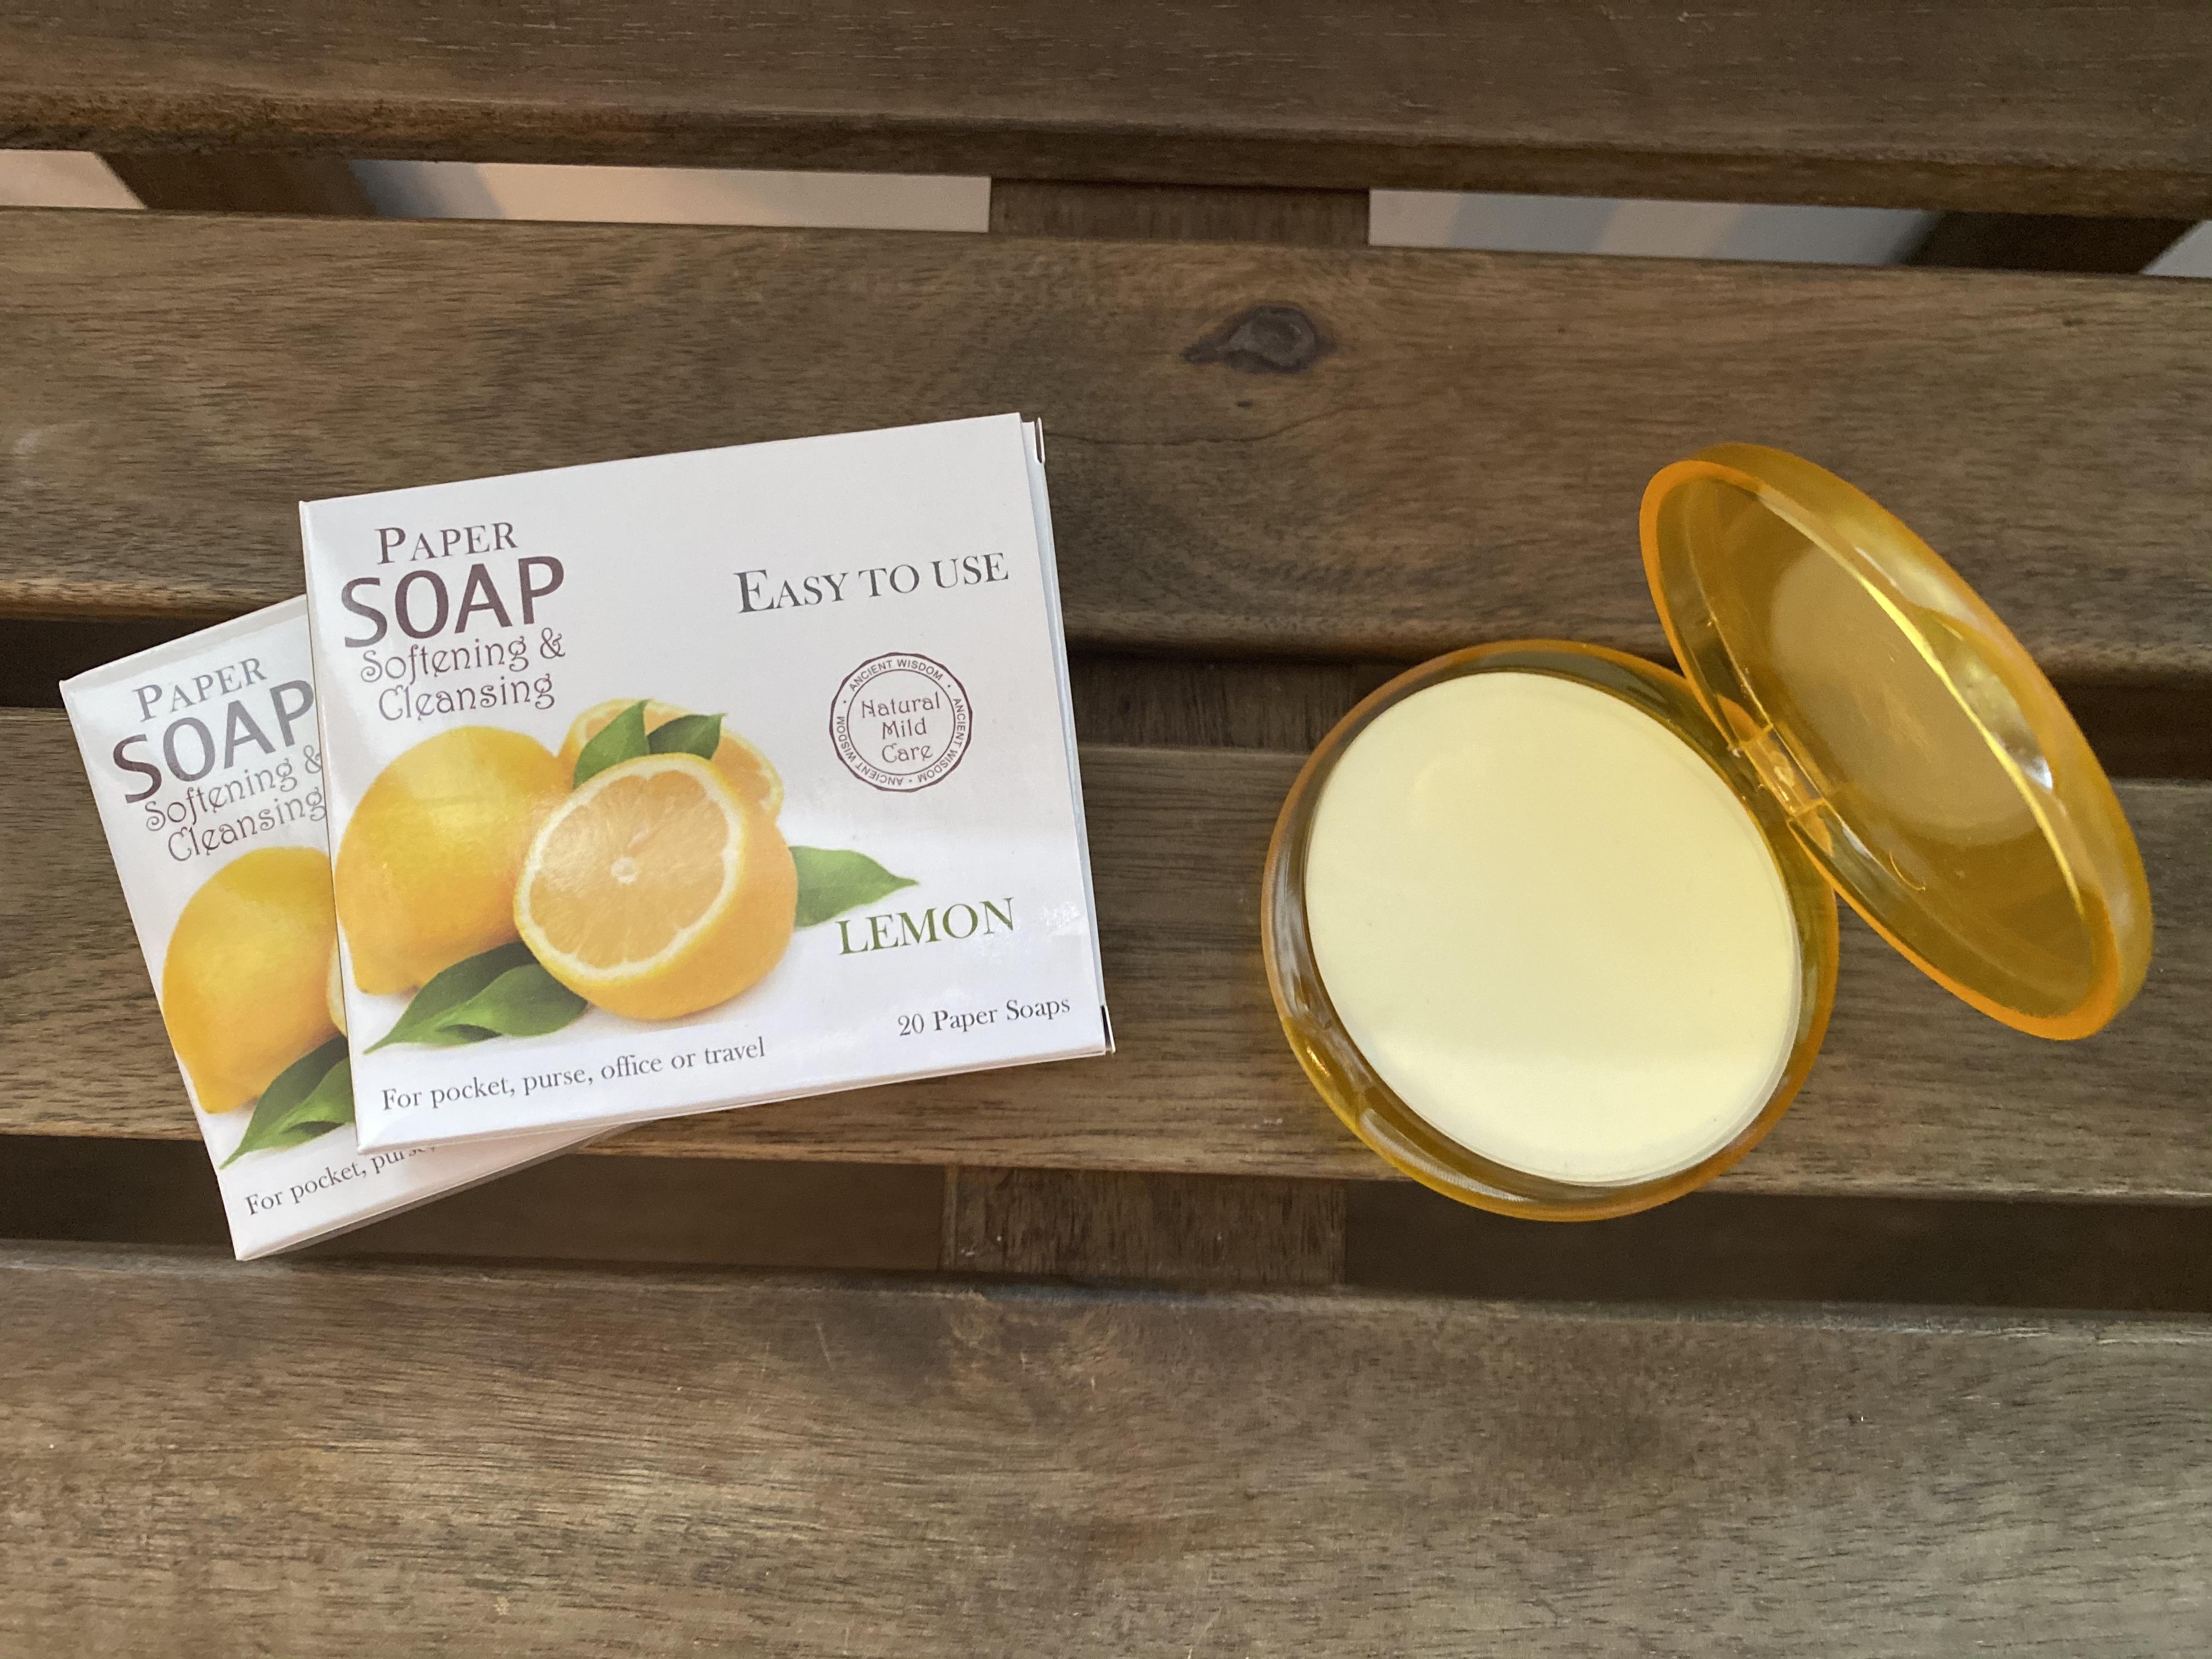 Paper Soap Lemon